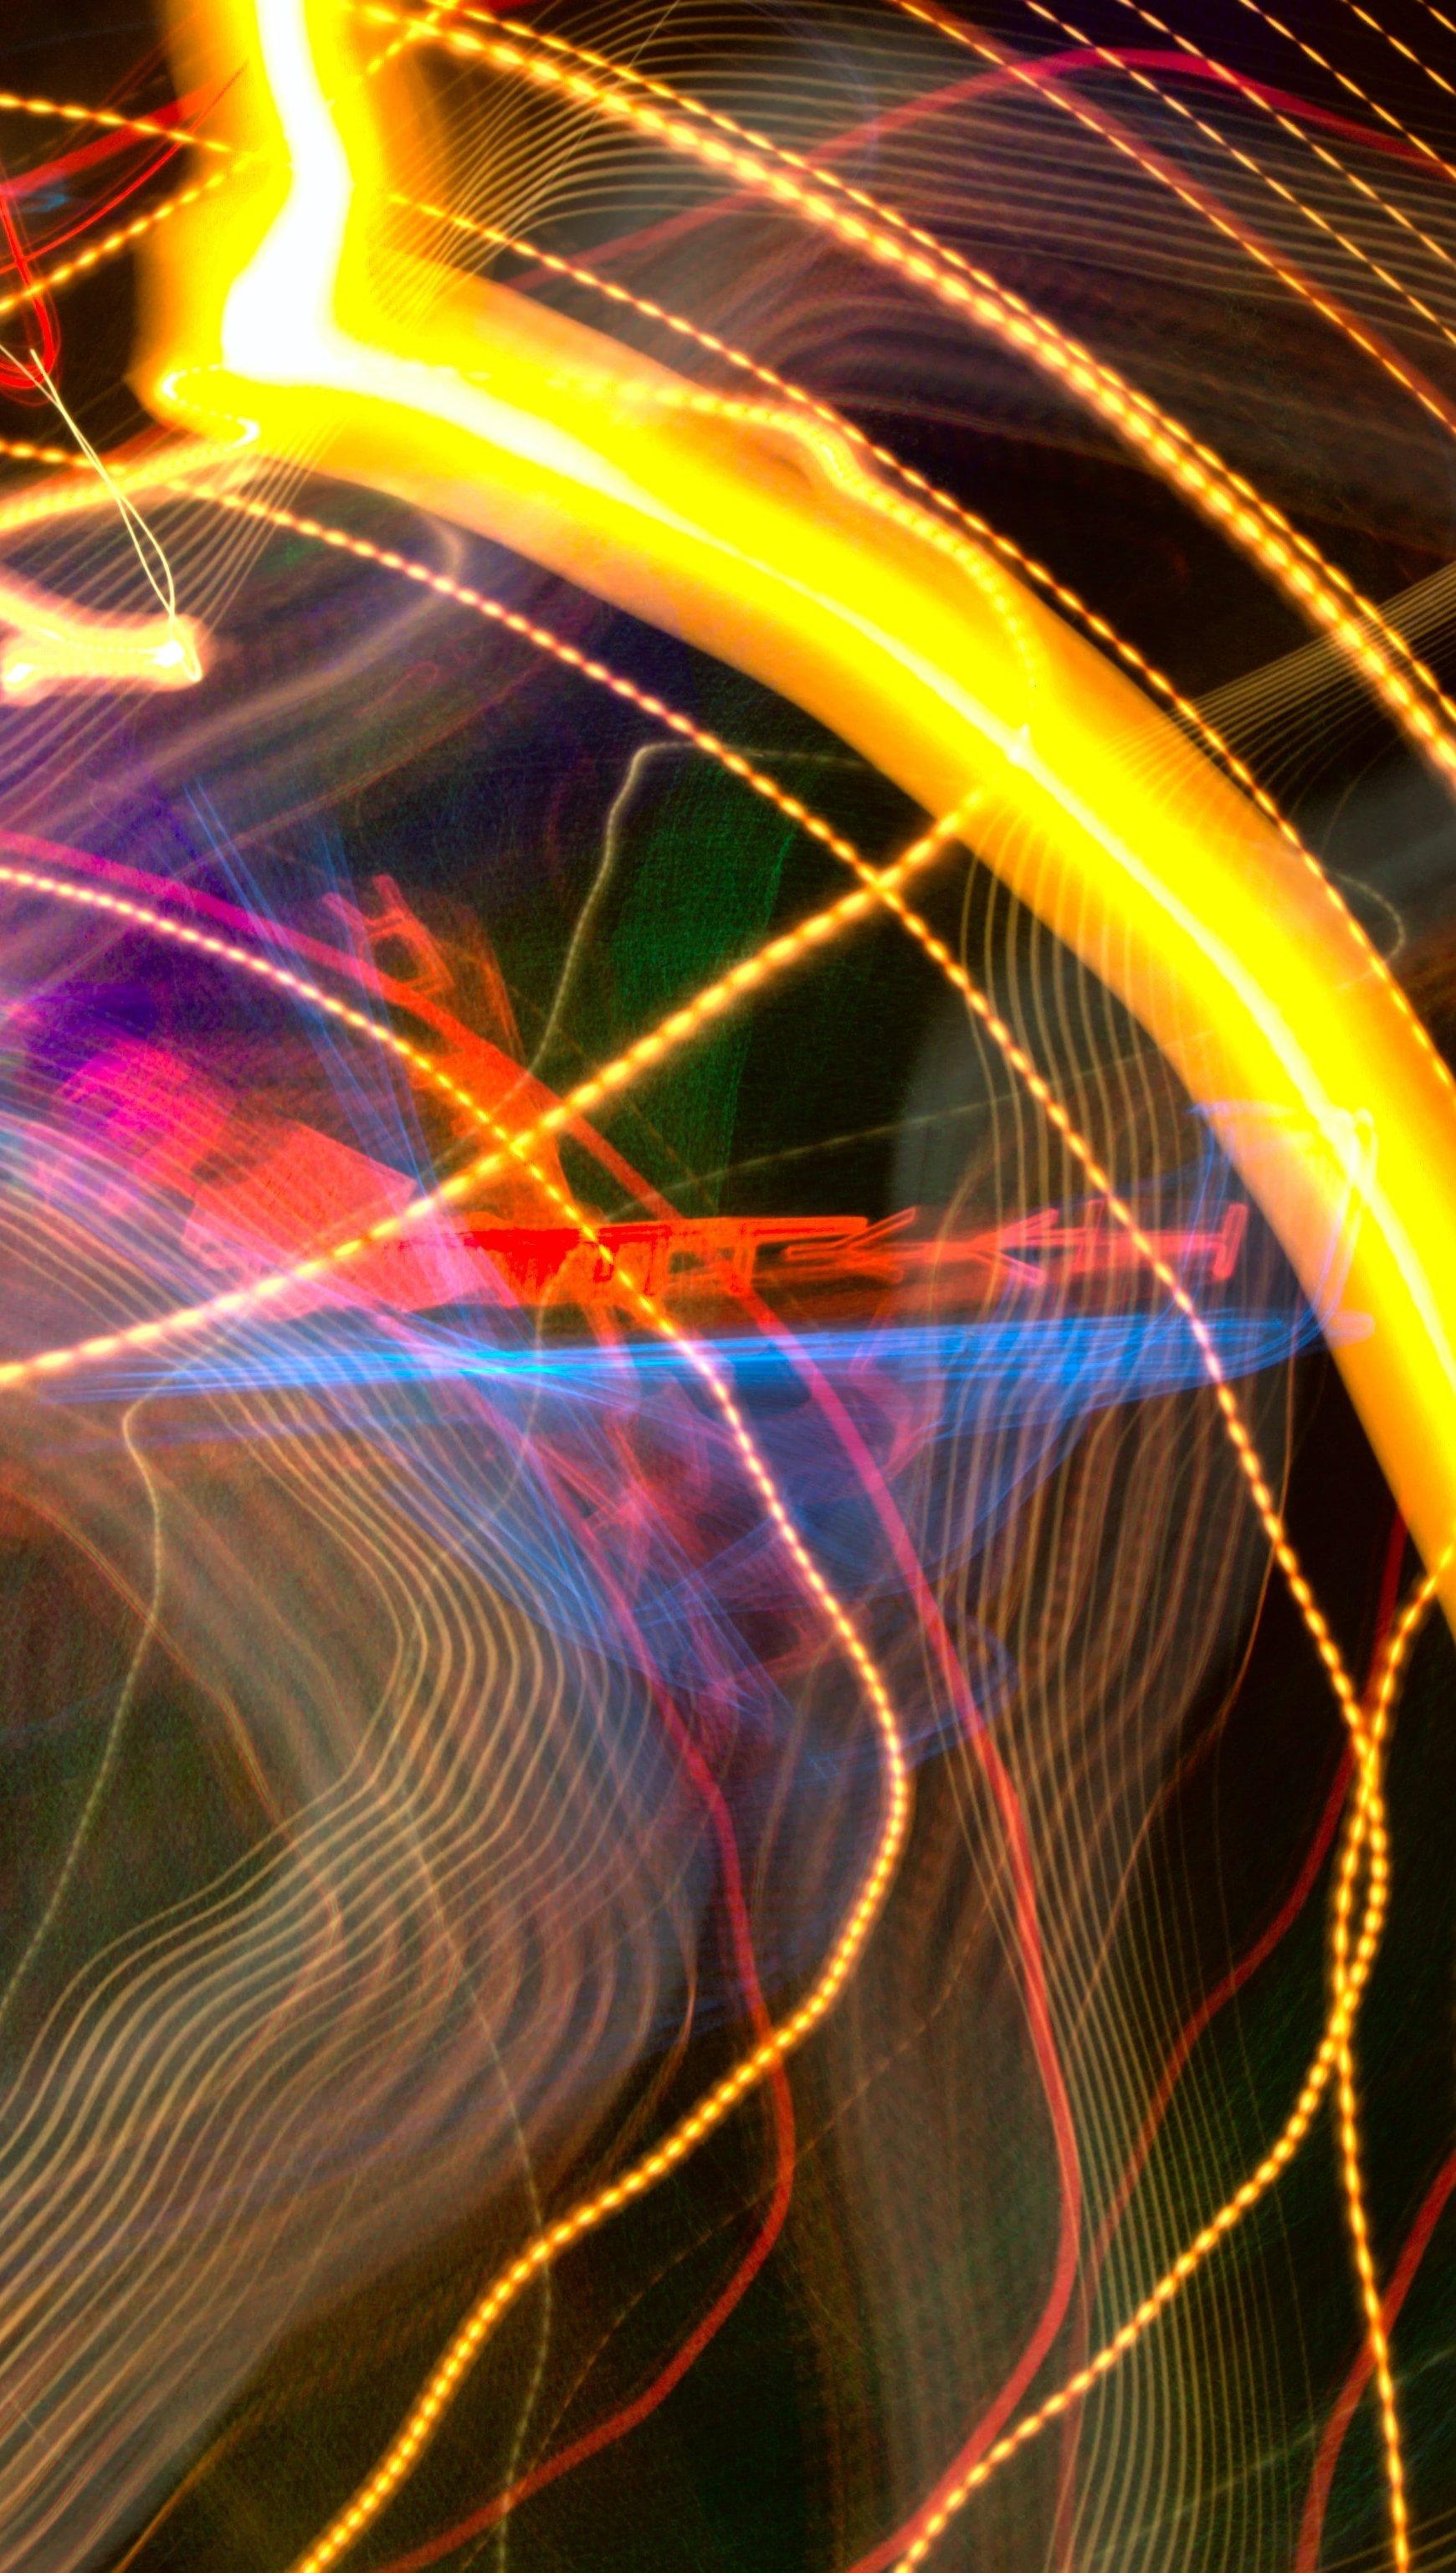 Fondos de pantalla Luces neon en movimiento Vertical